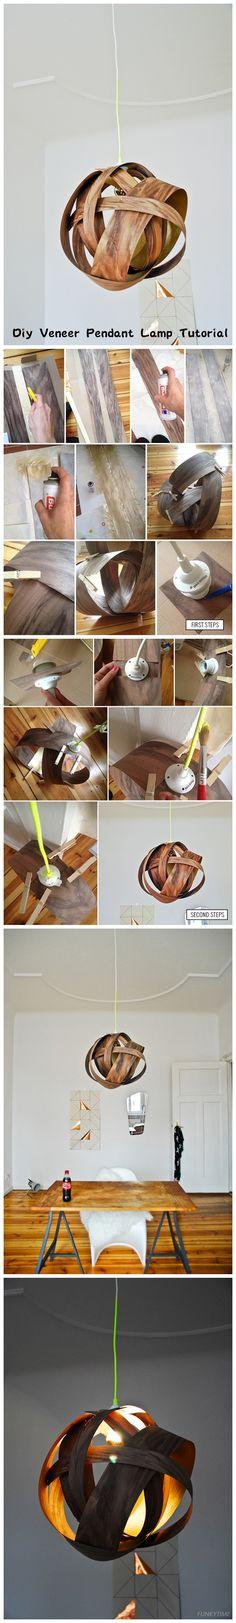 Diy Veneer Pendant Lamp Tutorial - Another! Diy Pendant Light, Pendant Lamp, Pendant Lighting, Deco Luminaire, Diy Light Fixtures, Decoration Inspiration, Diy Chandelier, Wooden Lamp, Light Project